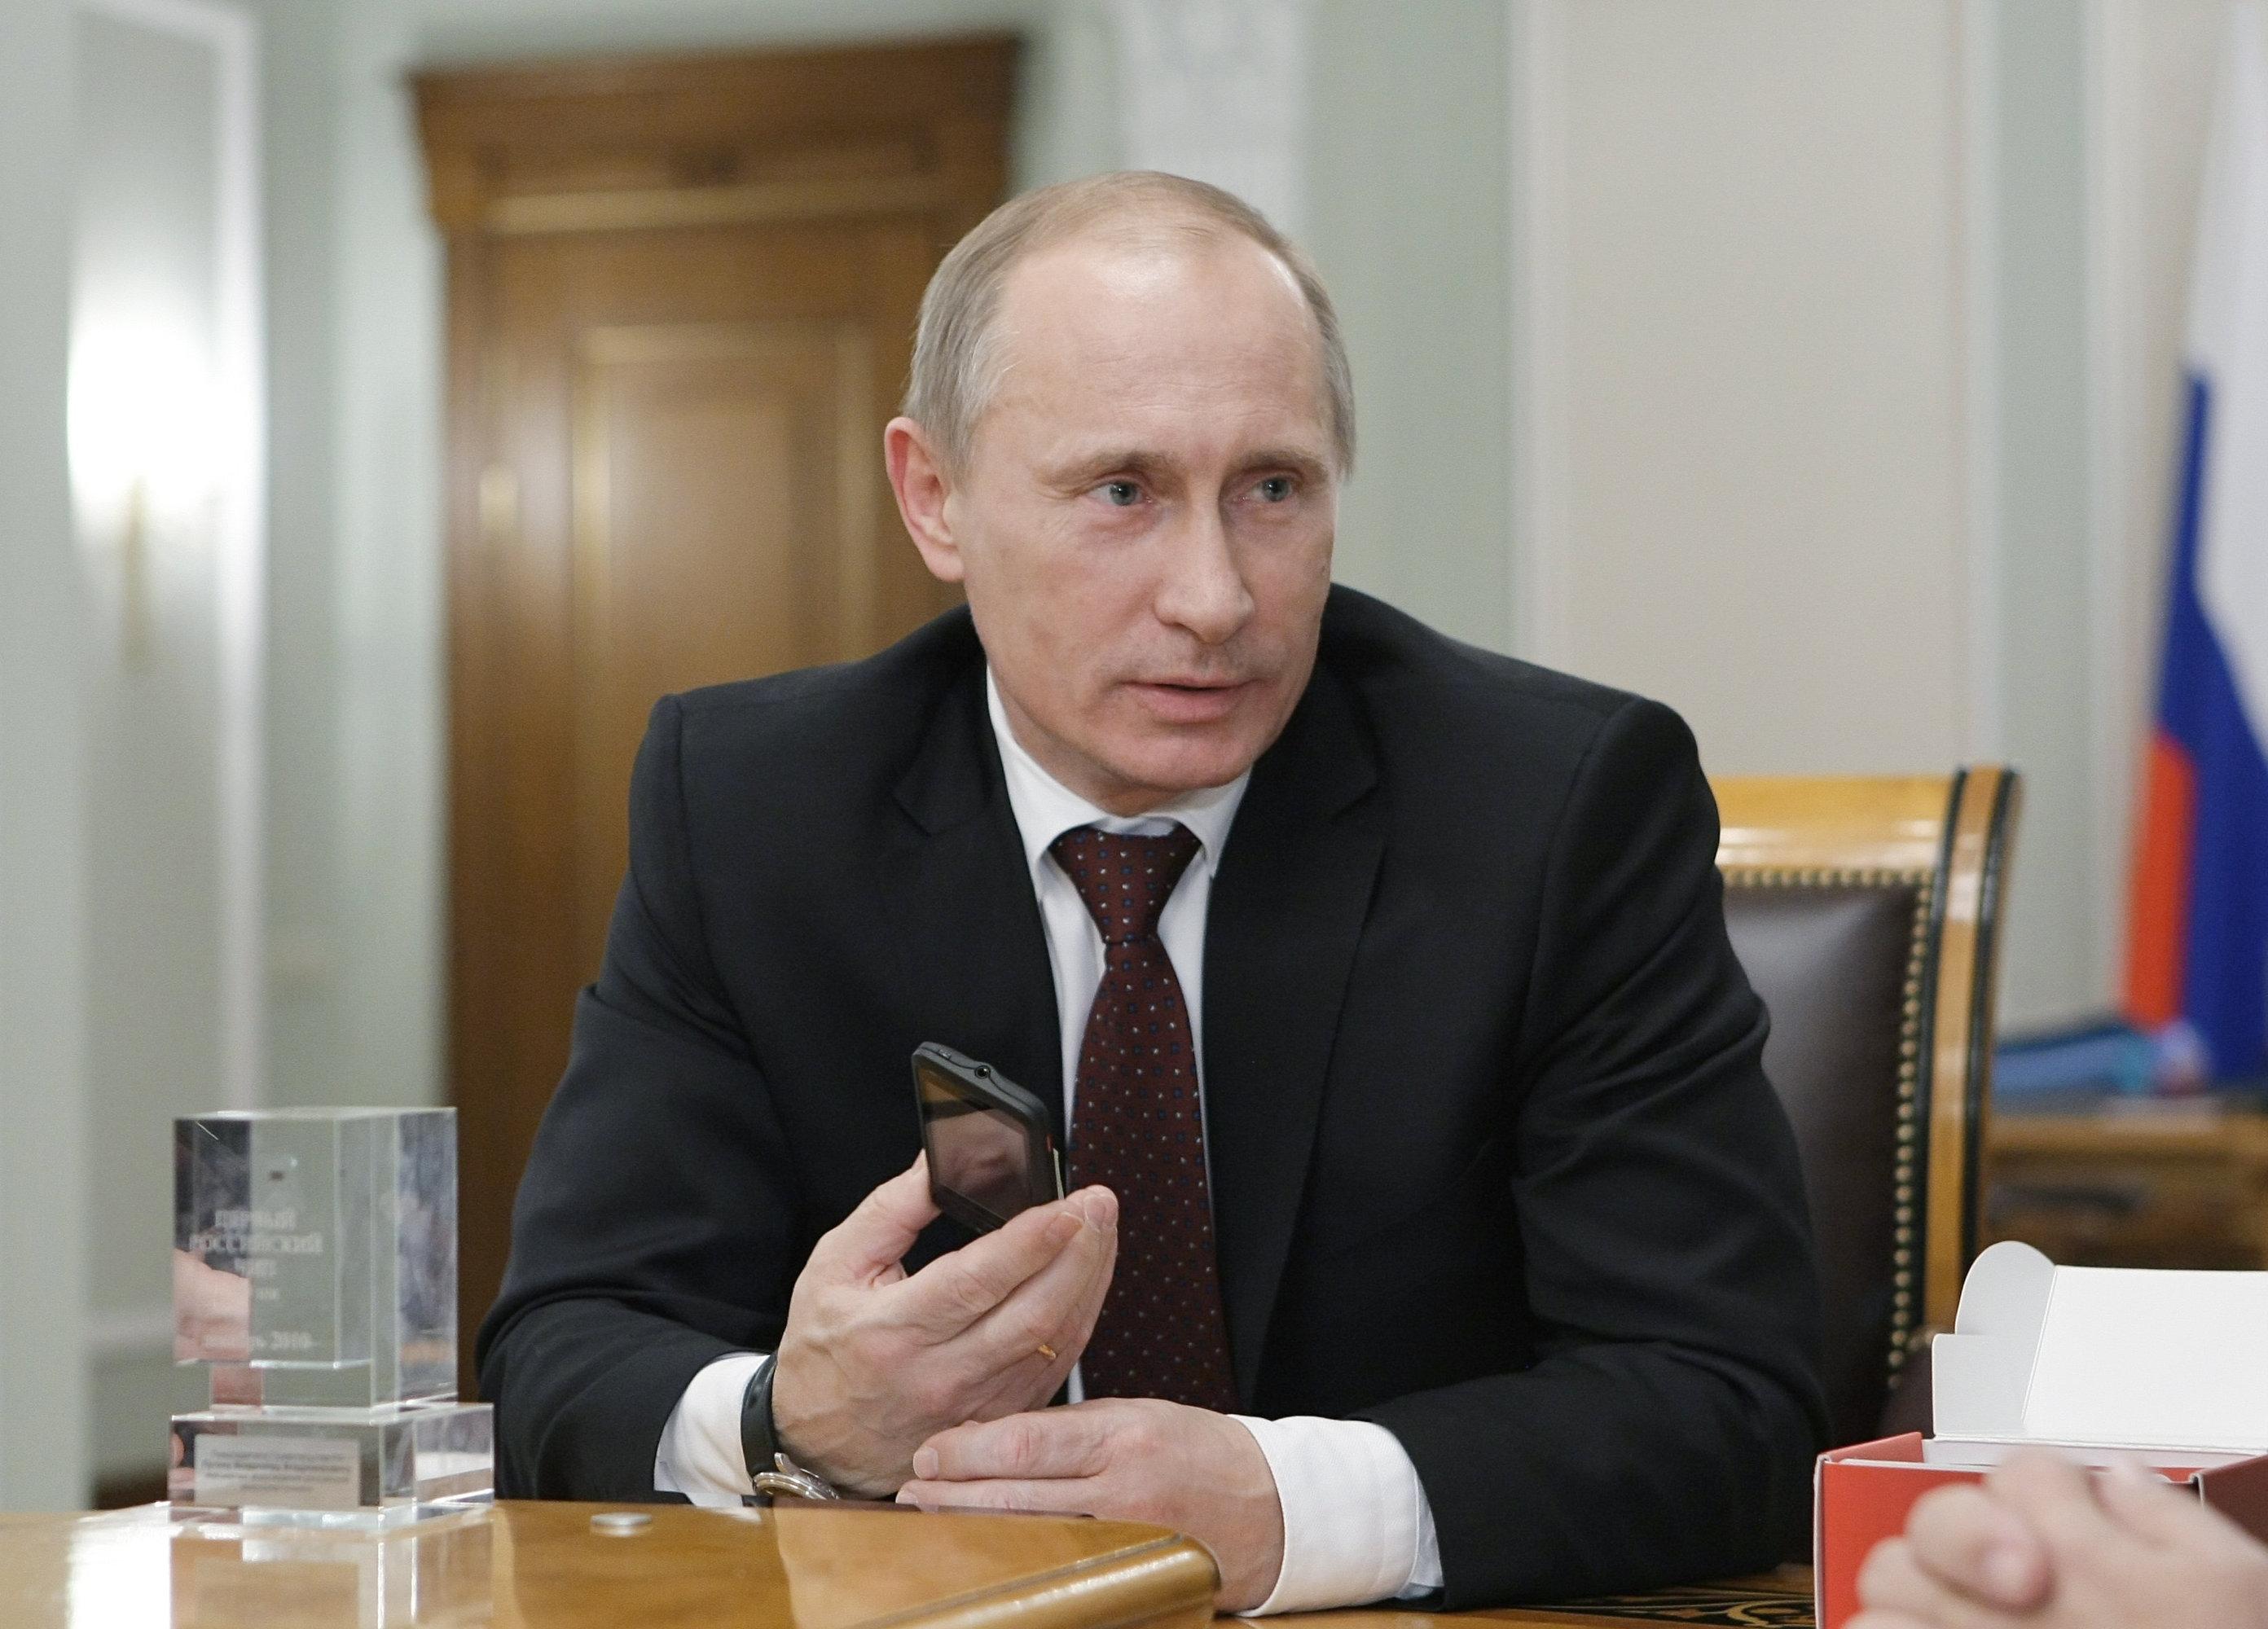 Путину показали первый телефон с чипом GPS-ГЛОНАСС